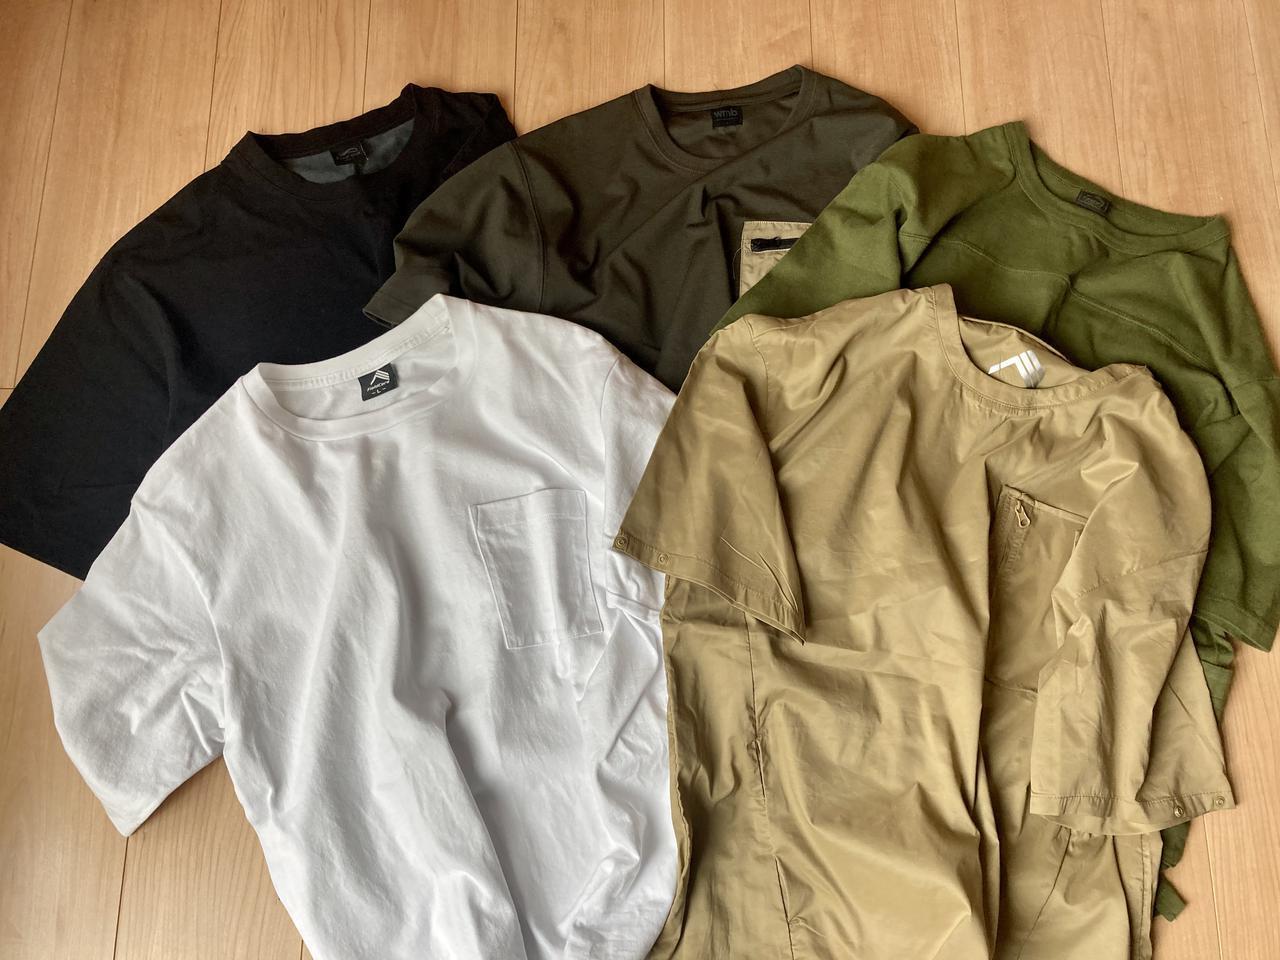 画像: 【夏にまだ間に合う!】ワークマンで買える低価格で機能的なおすすめTシャツ5選 - ハピキャン キャンプ・アウトドア情報メディア